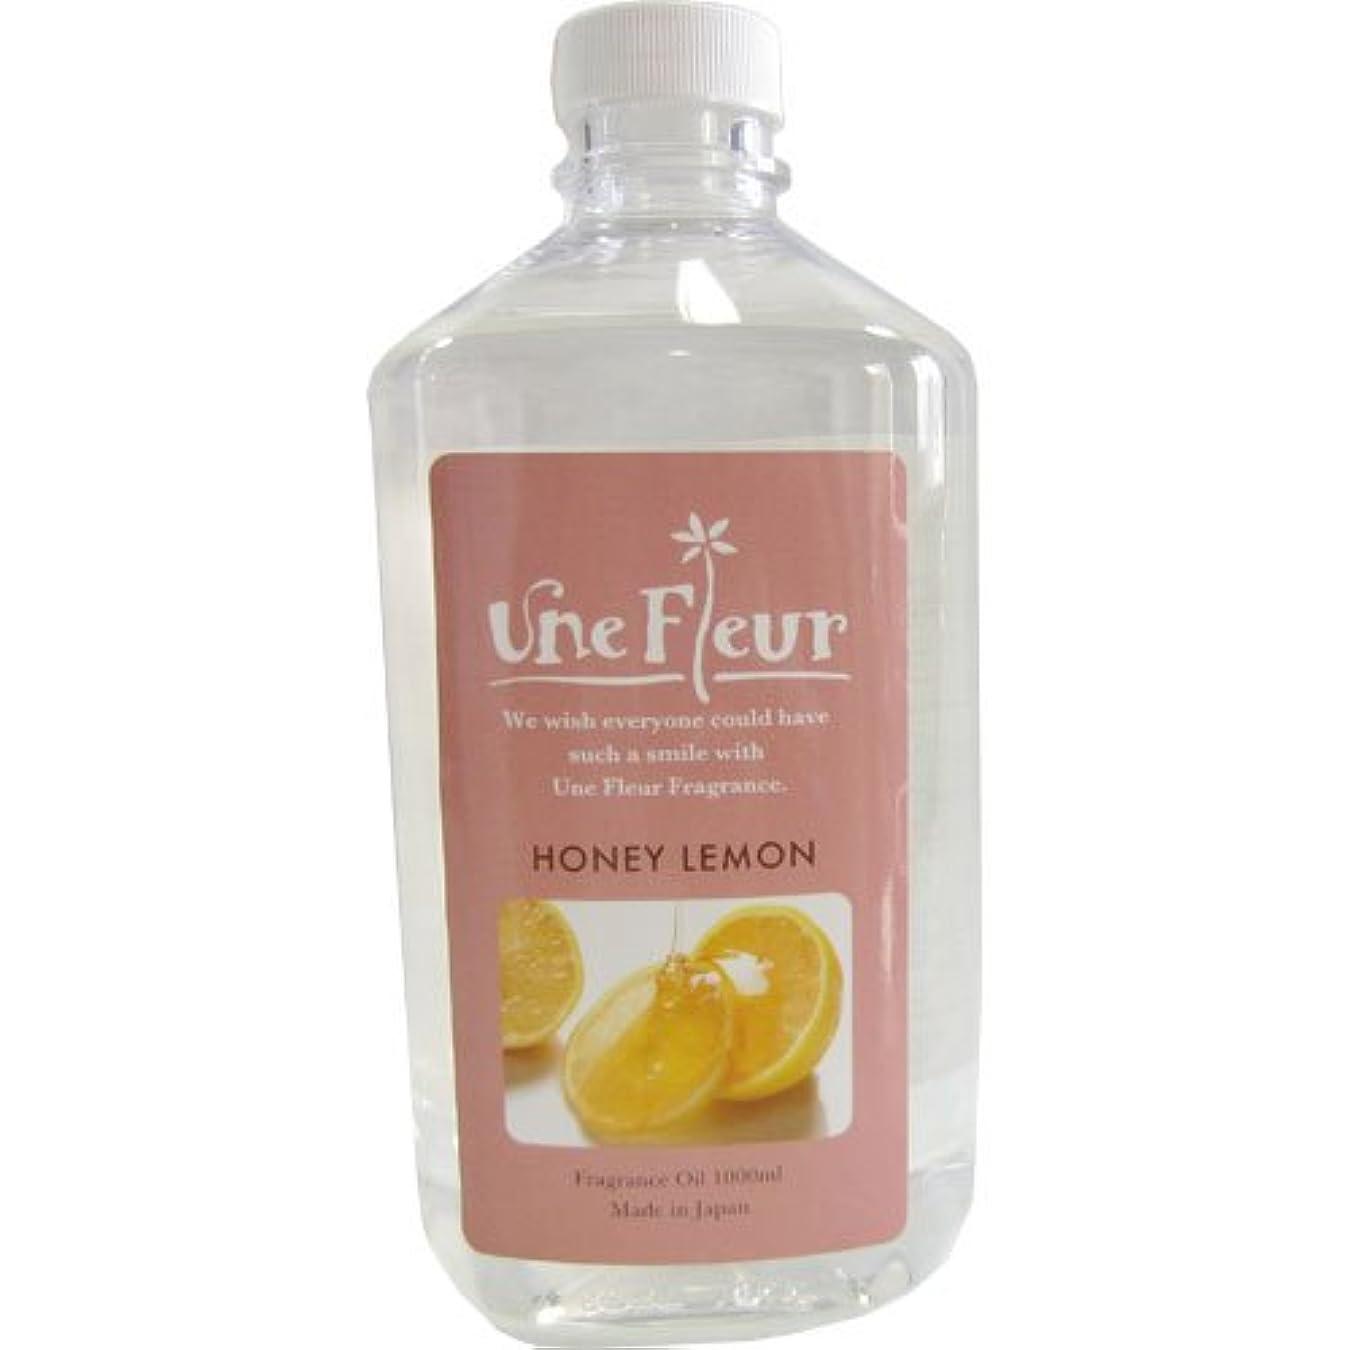 変化イノセンス階層UF UFフレグランスオイルハニーレモン 1L